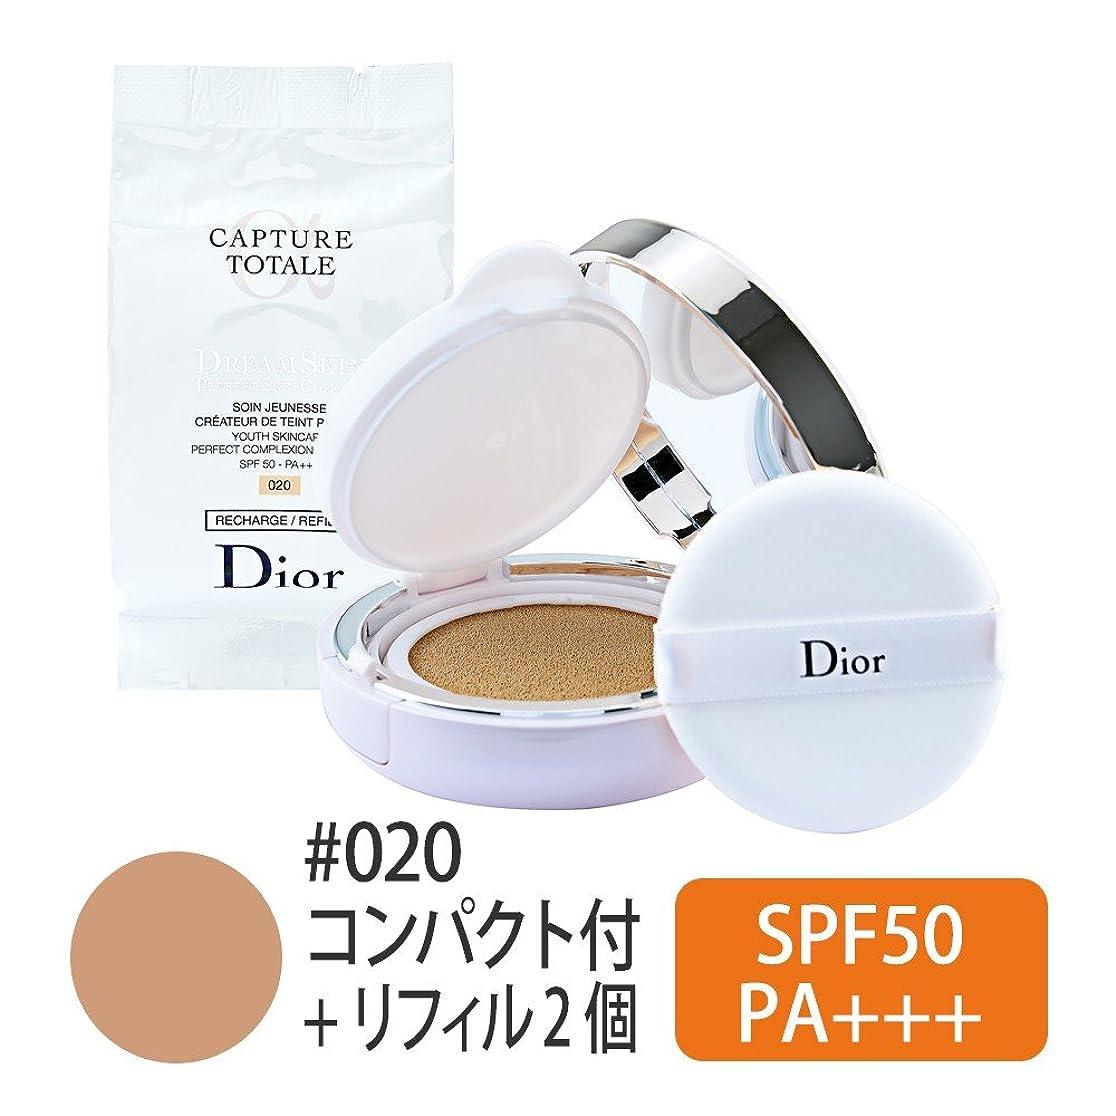 怒って下位サンダーChristian Dior クリスチャン ディオール カプチュール トータル ドリーム スキン クッション #020 SPF50-PA+++ 15g x 2 [並行輸入品]